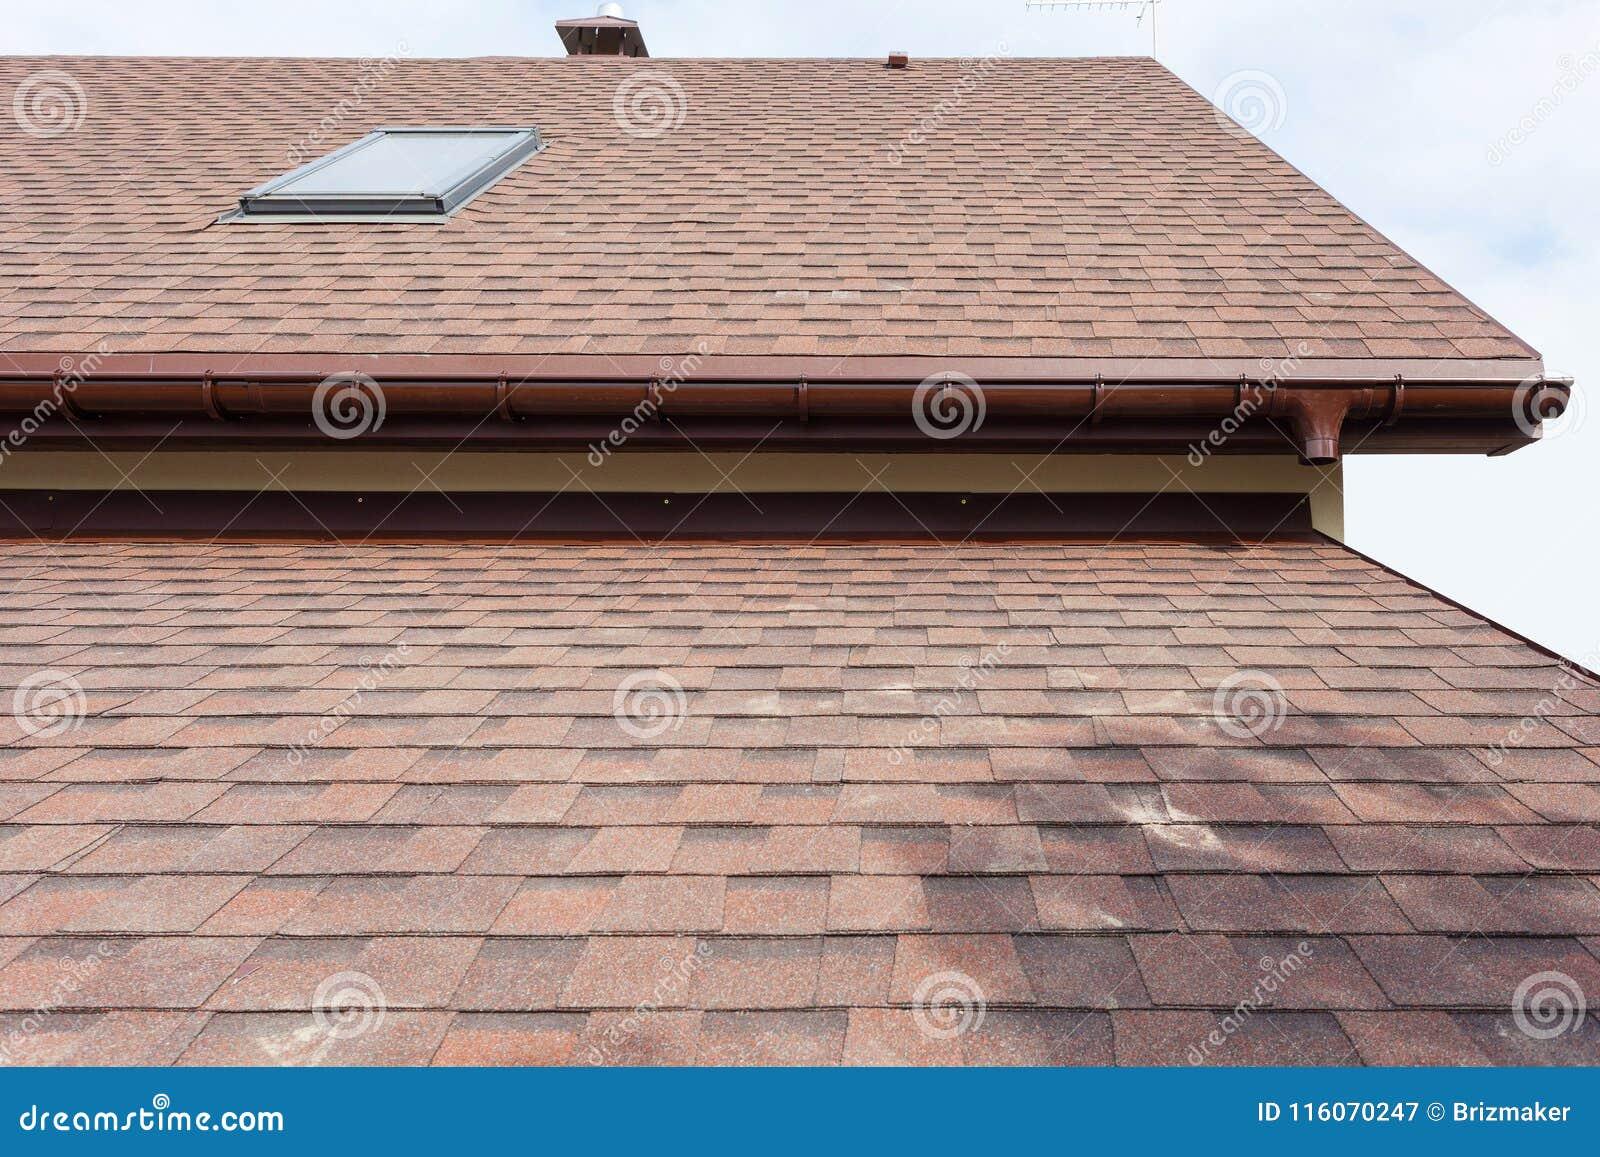 Dakwerkbouw en de bouw van nieuw huis met modulaire schoorsteen, dakramen, zolder, koekoeken en eaves